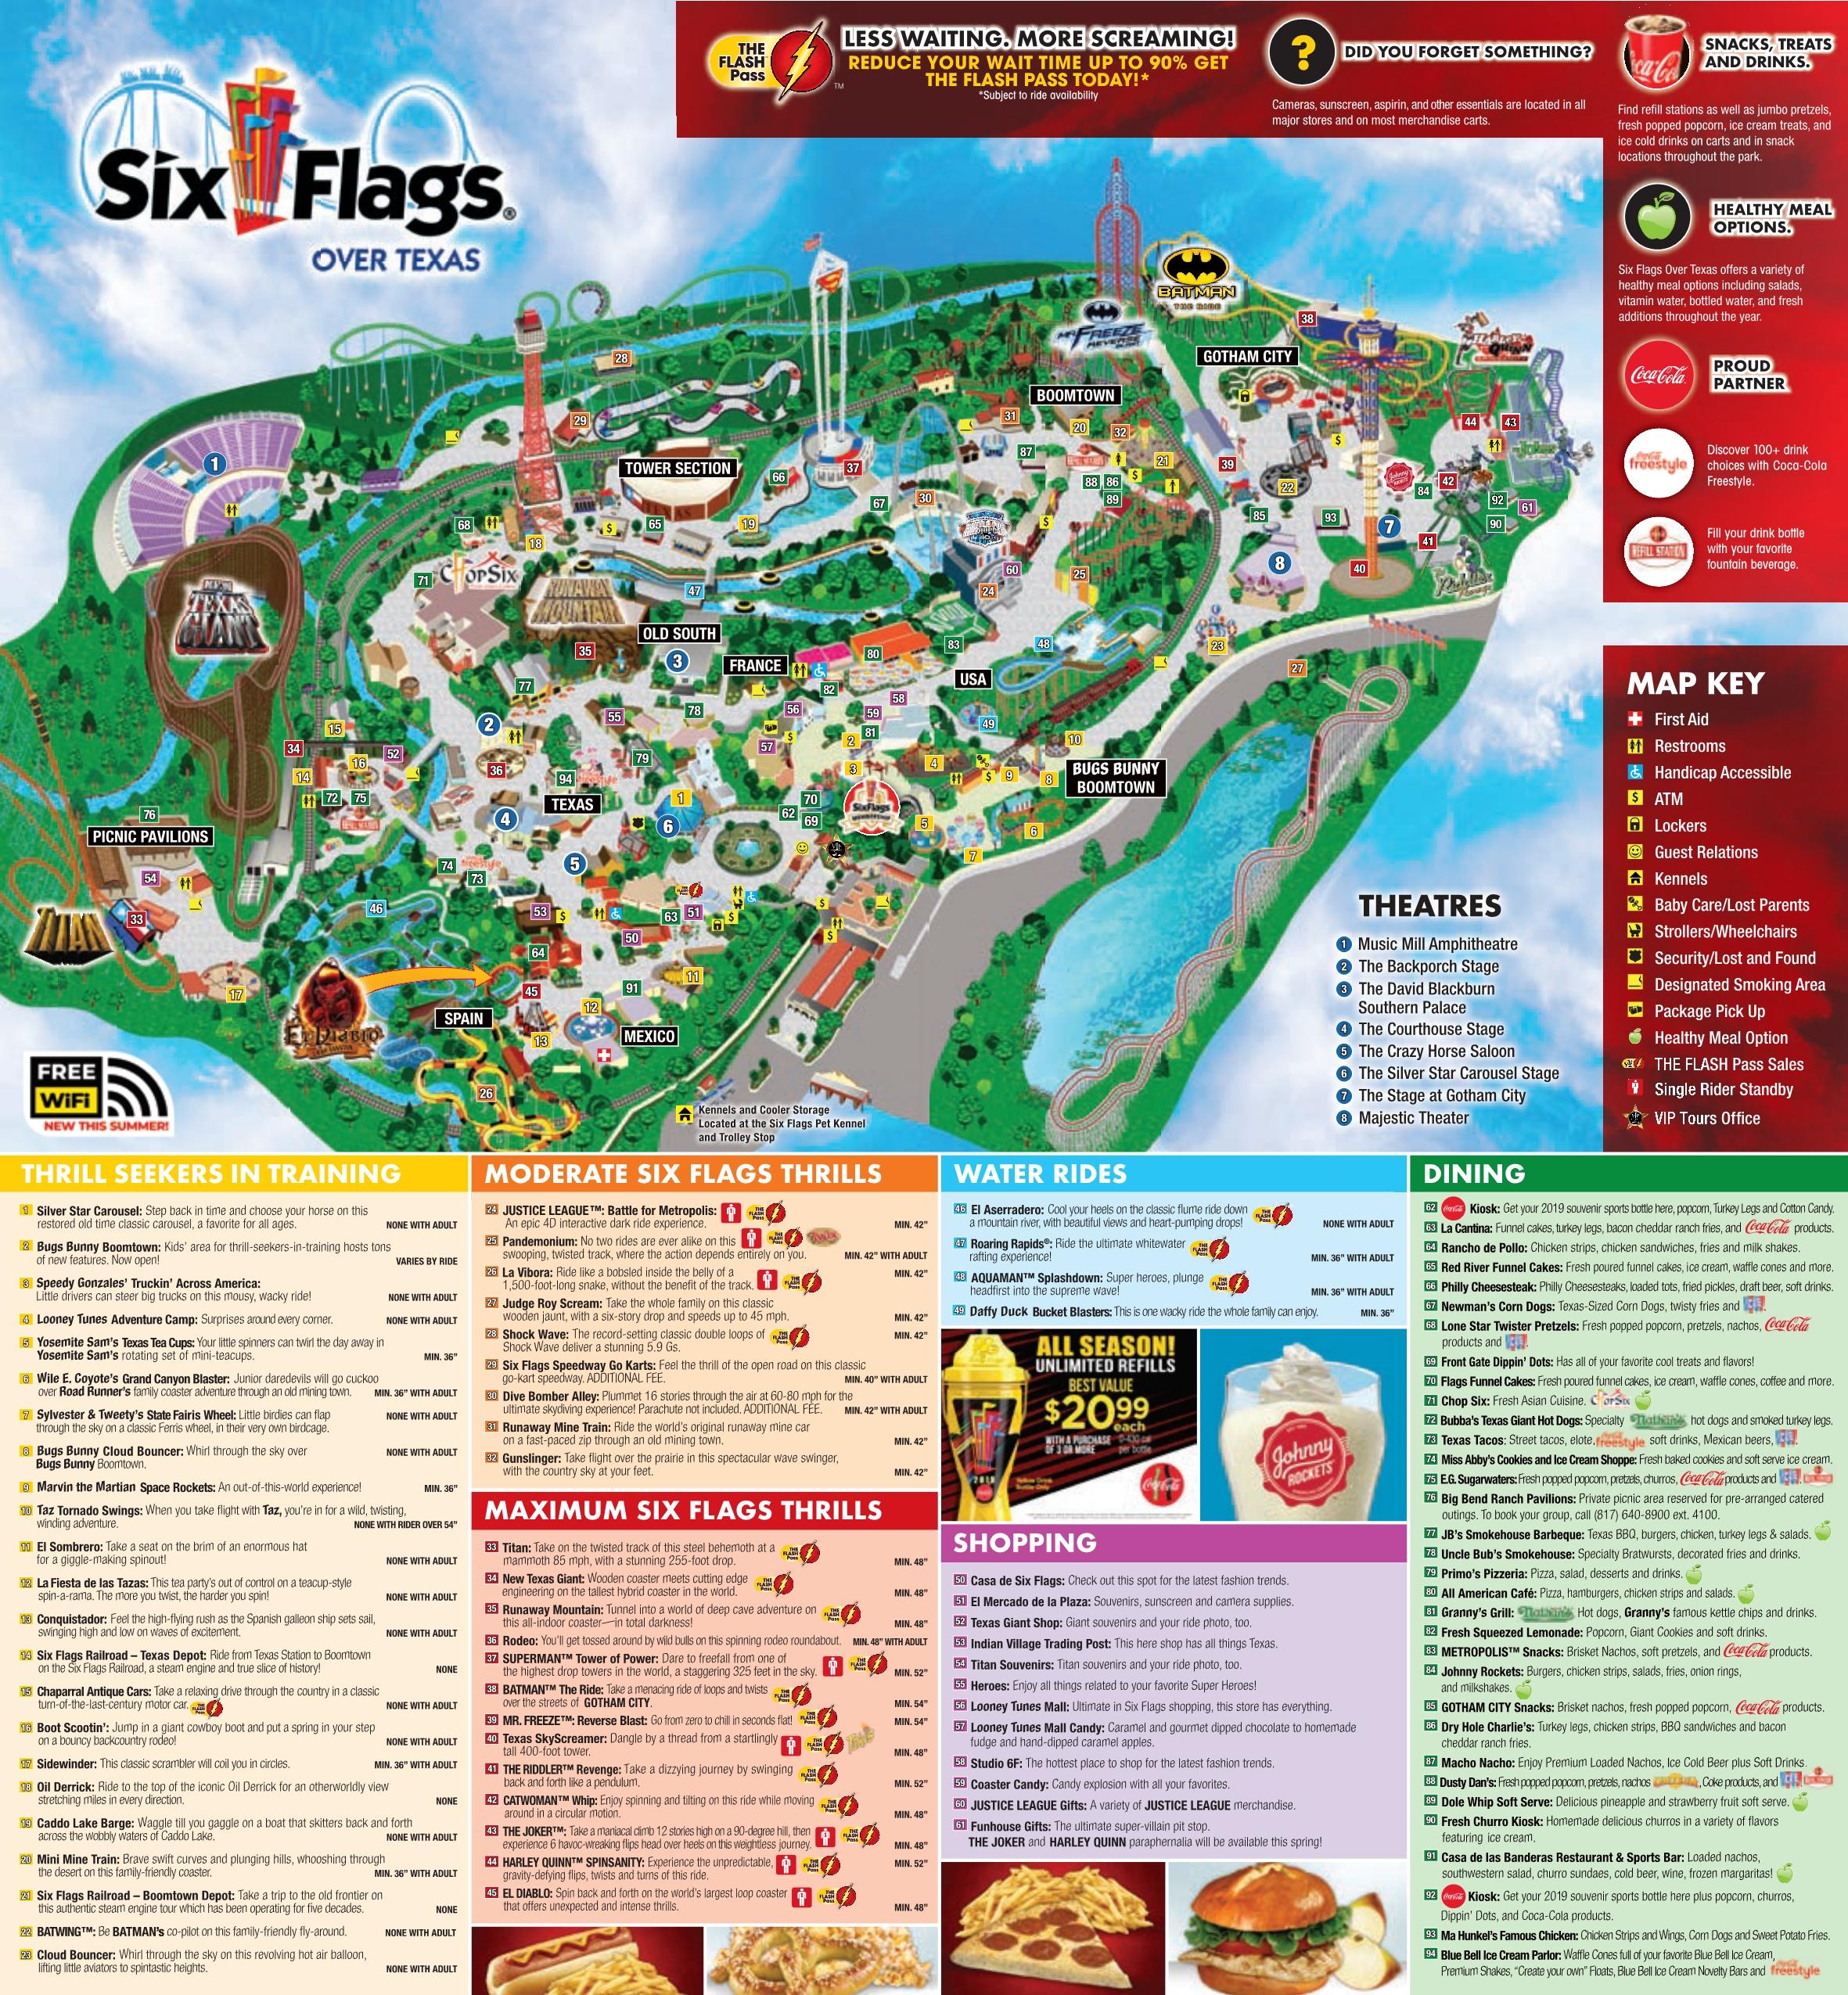 Six Flags Map Texas Six Flags Over Texas Park Map   Six Flags Over Texas Park Map